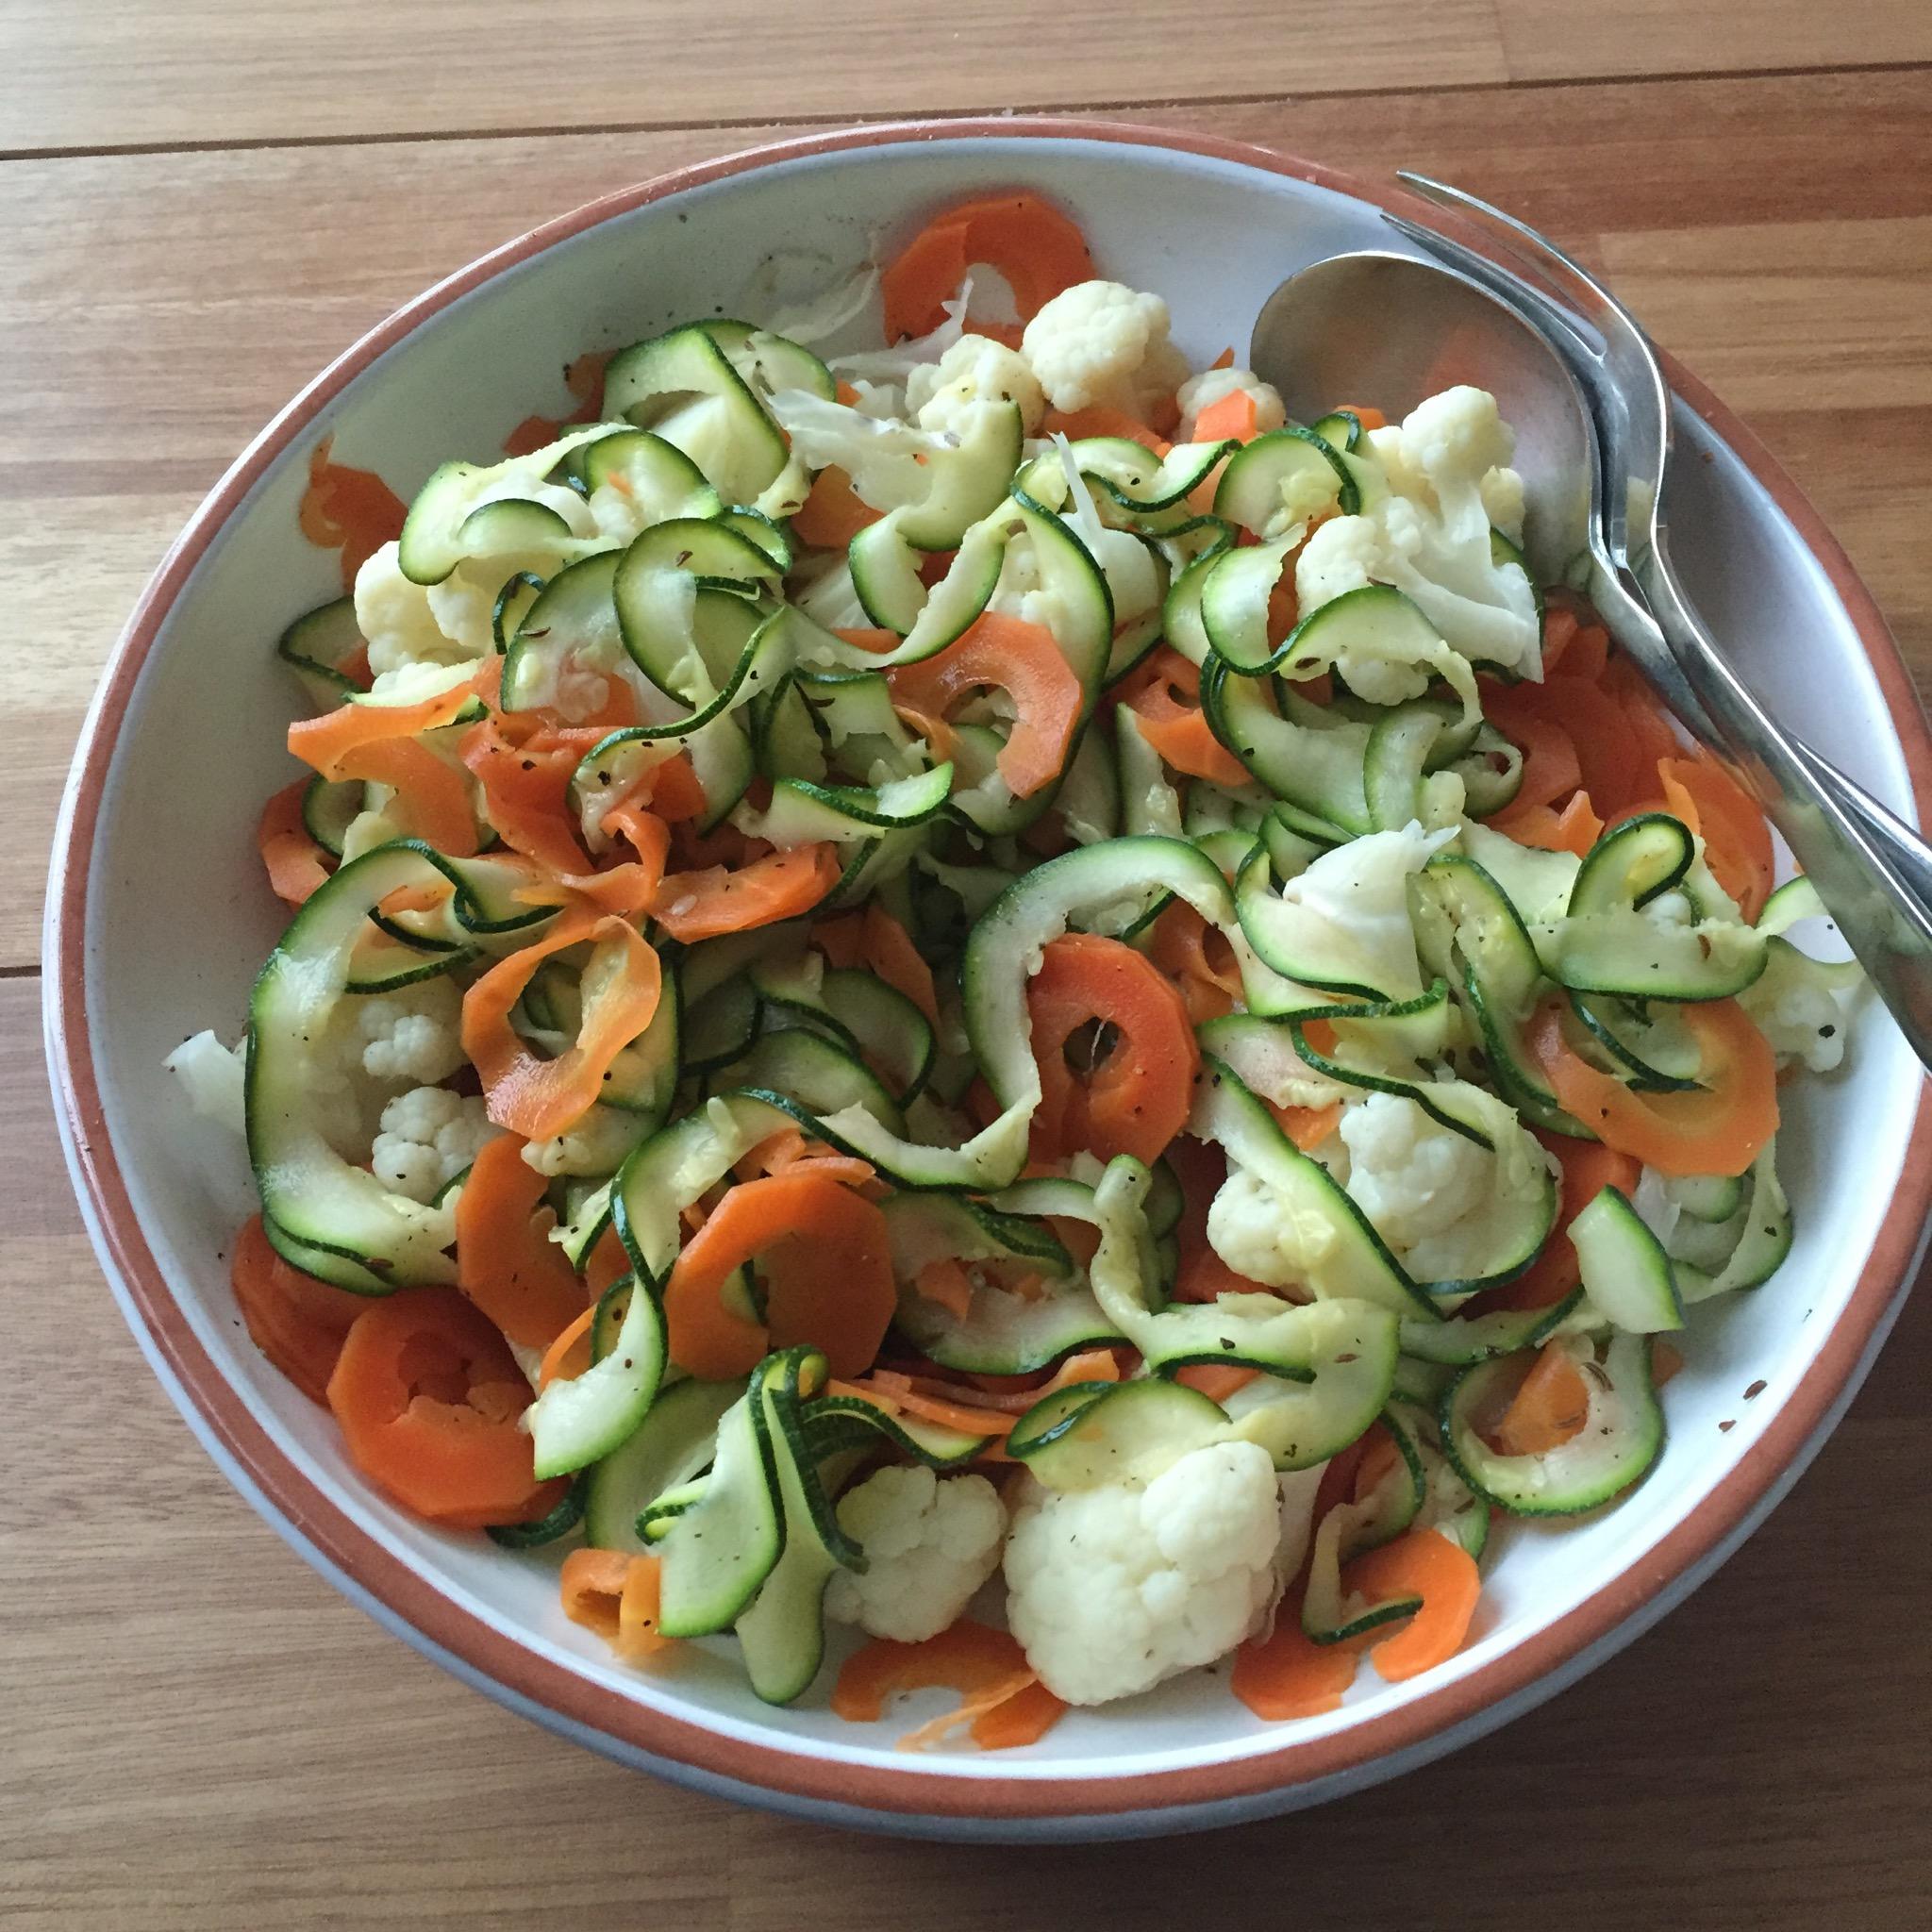 Sliertensalade met courgette, wortel en bloemkool